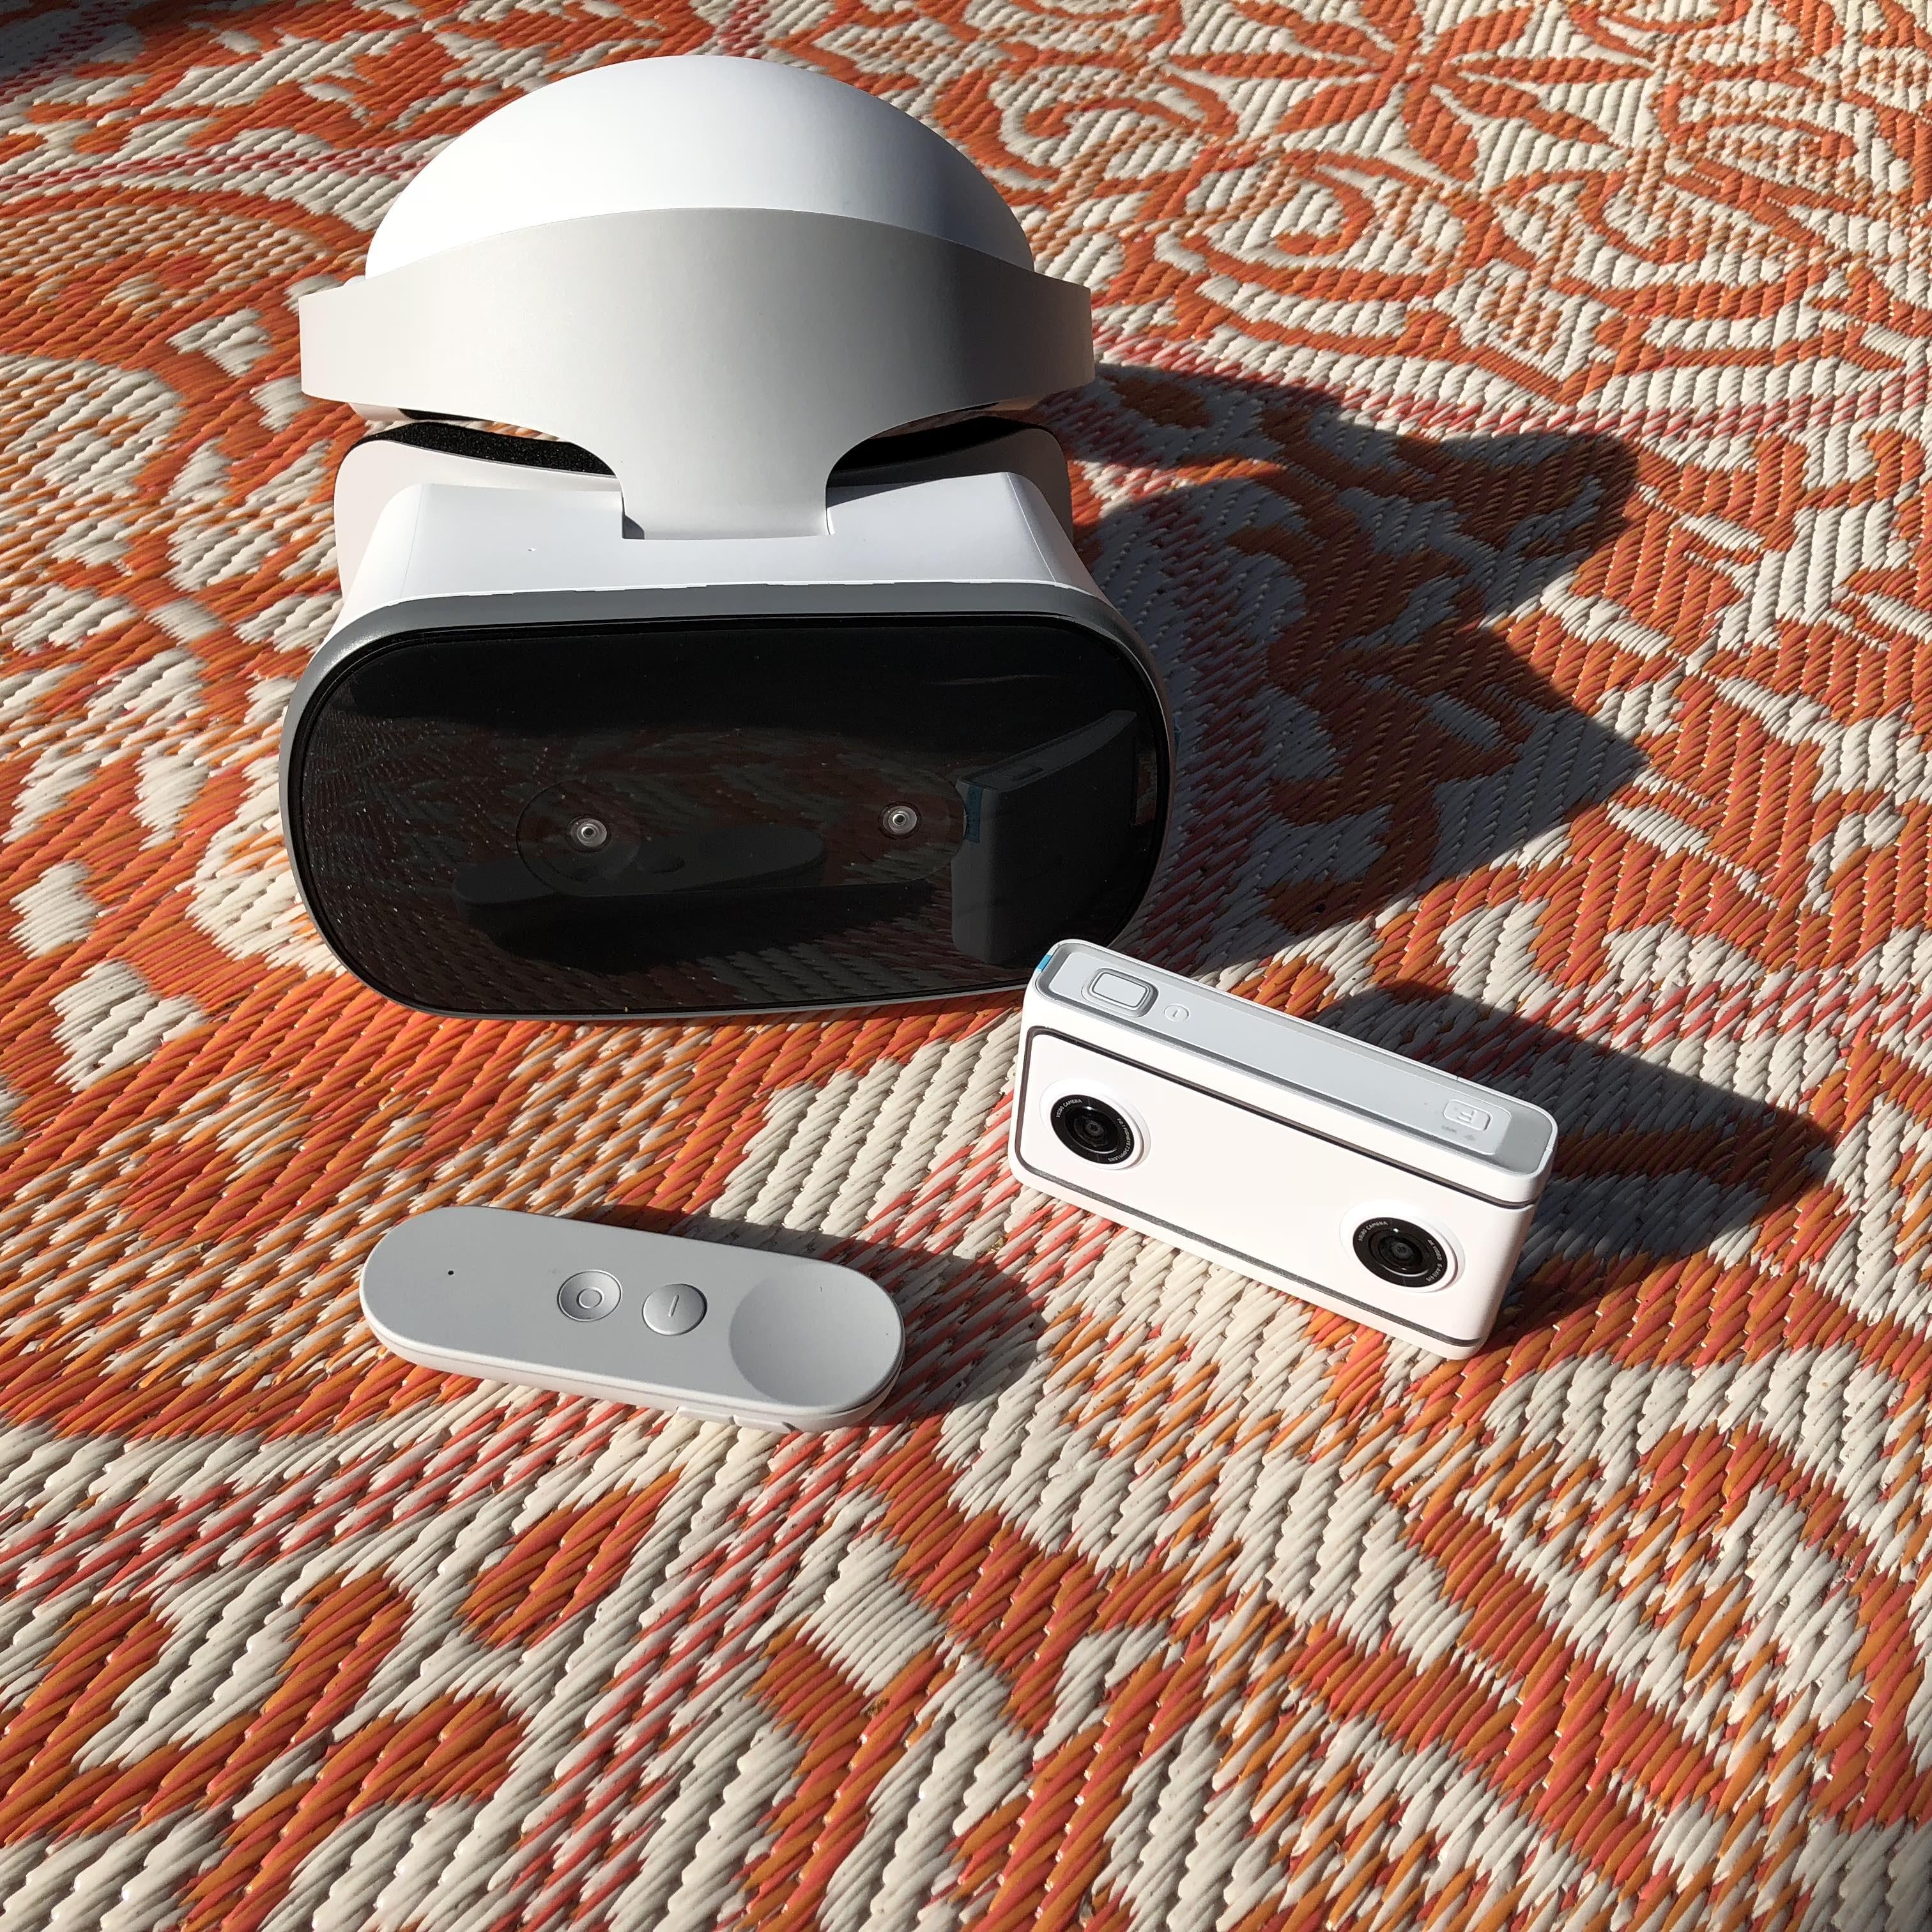 Puede tomar fotos y videos en 3D de 180 ° con la cámara Mirage, y luego verificarlos en realidad virtual con los auriculares Mirage Solo.